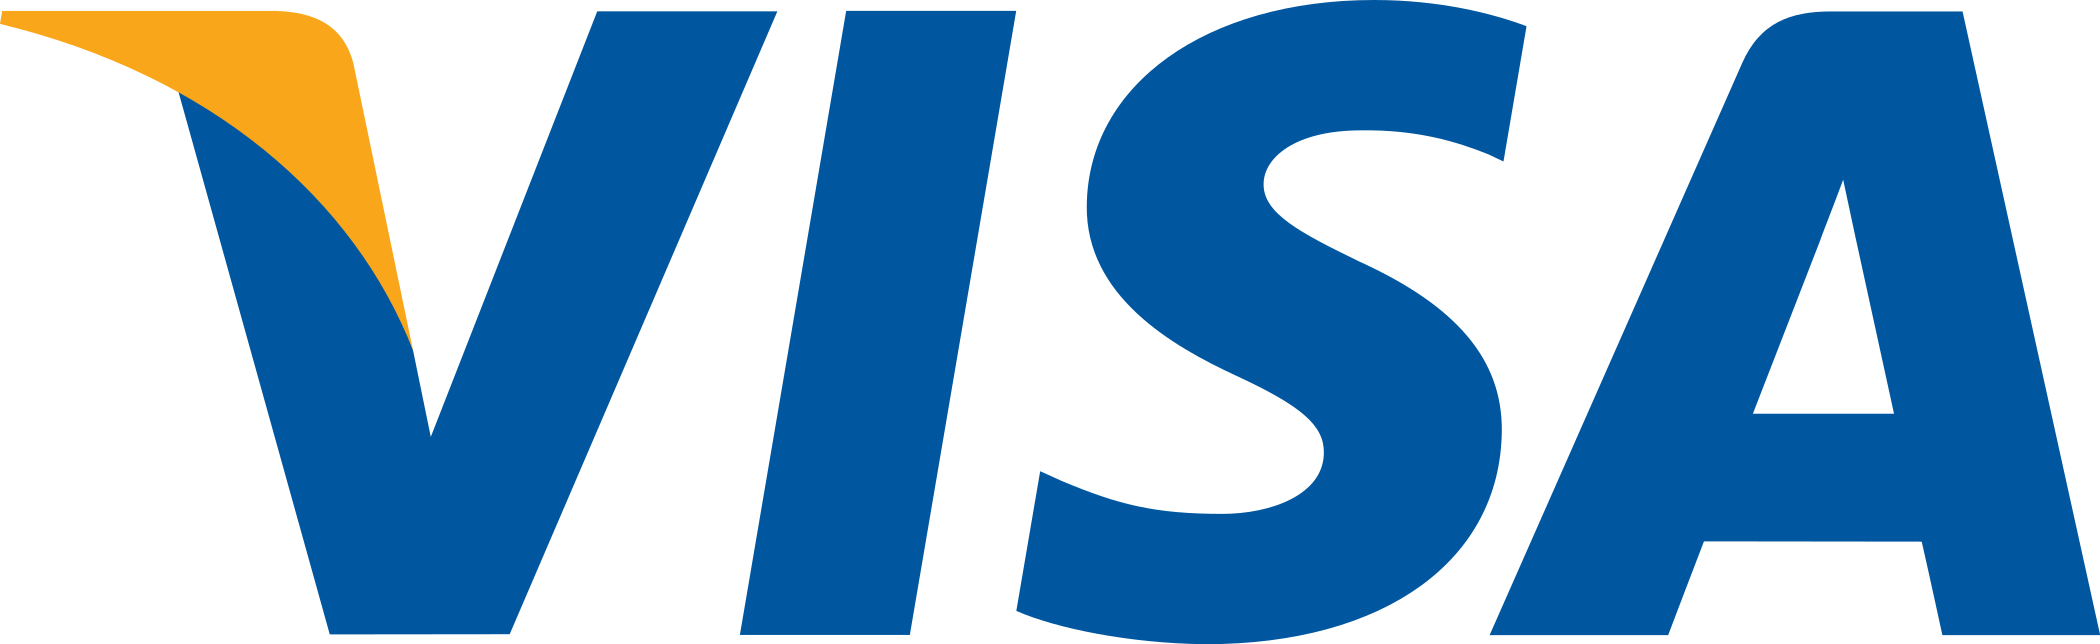 visa-logo-7